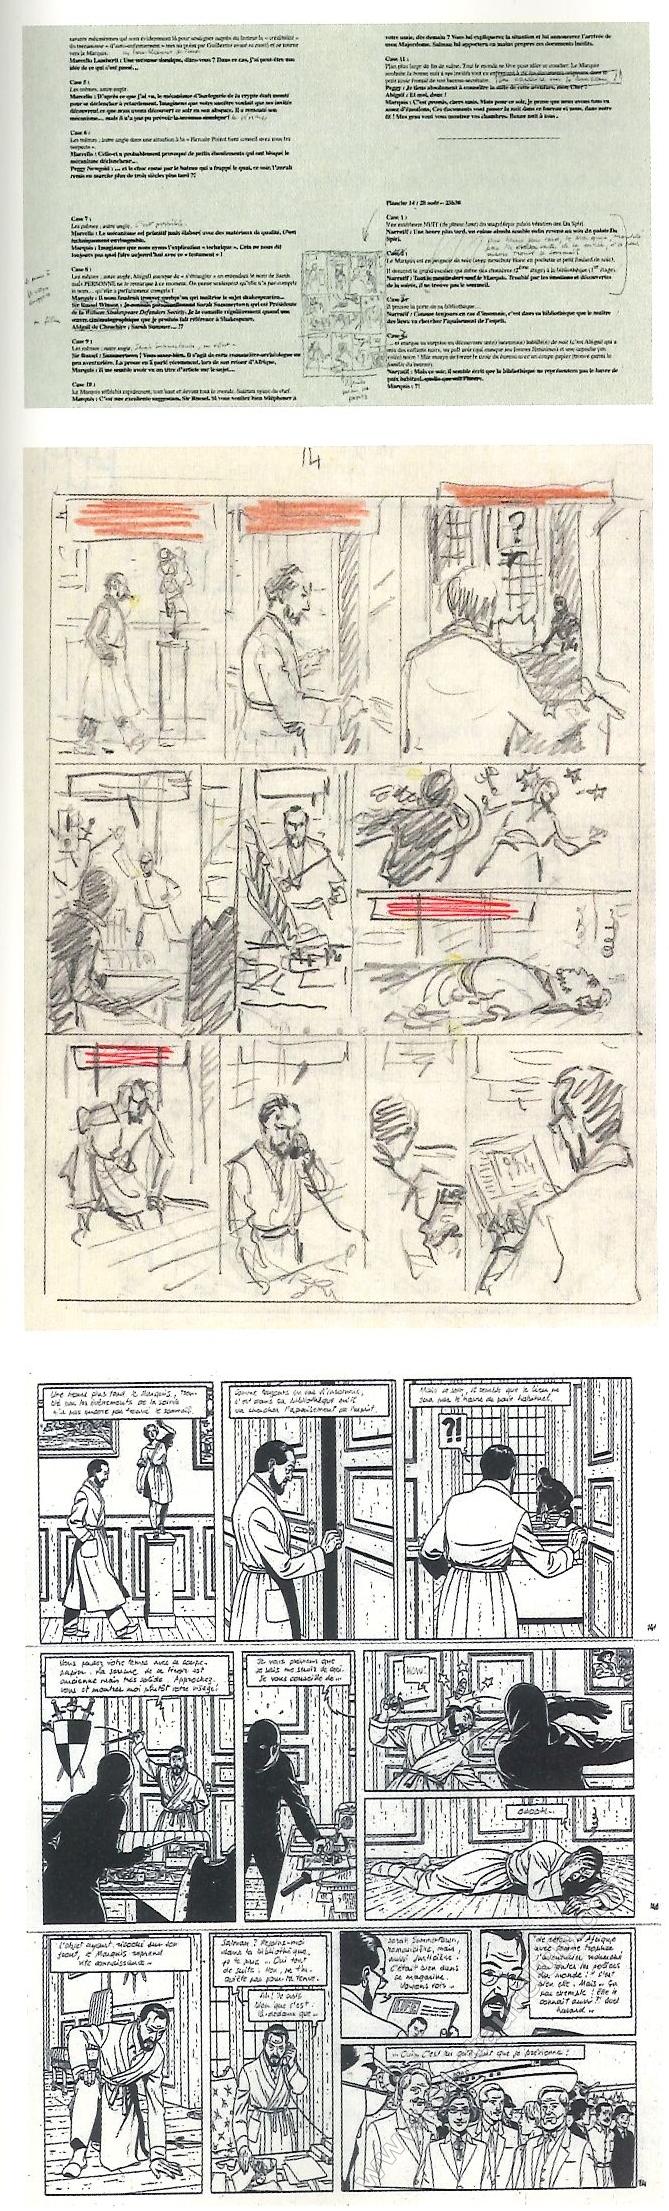 Pleins feux sur Edgar Pierre JACOBS et Blake et Mortimer (2ème partie en cours) - Page 18 Blake-Mortimer-Immanquable-59-20151201_P11f